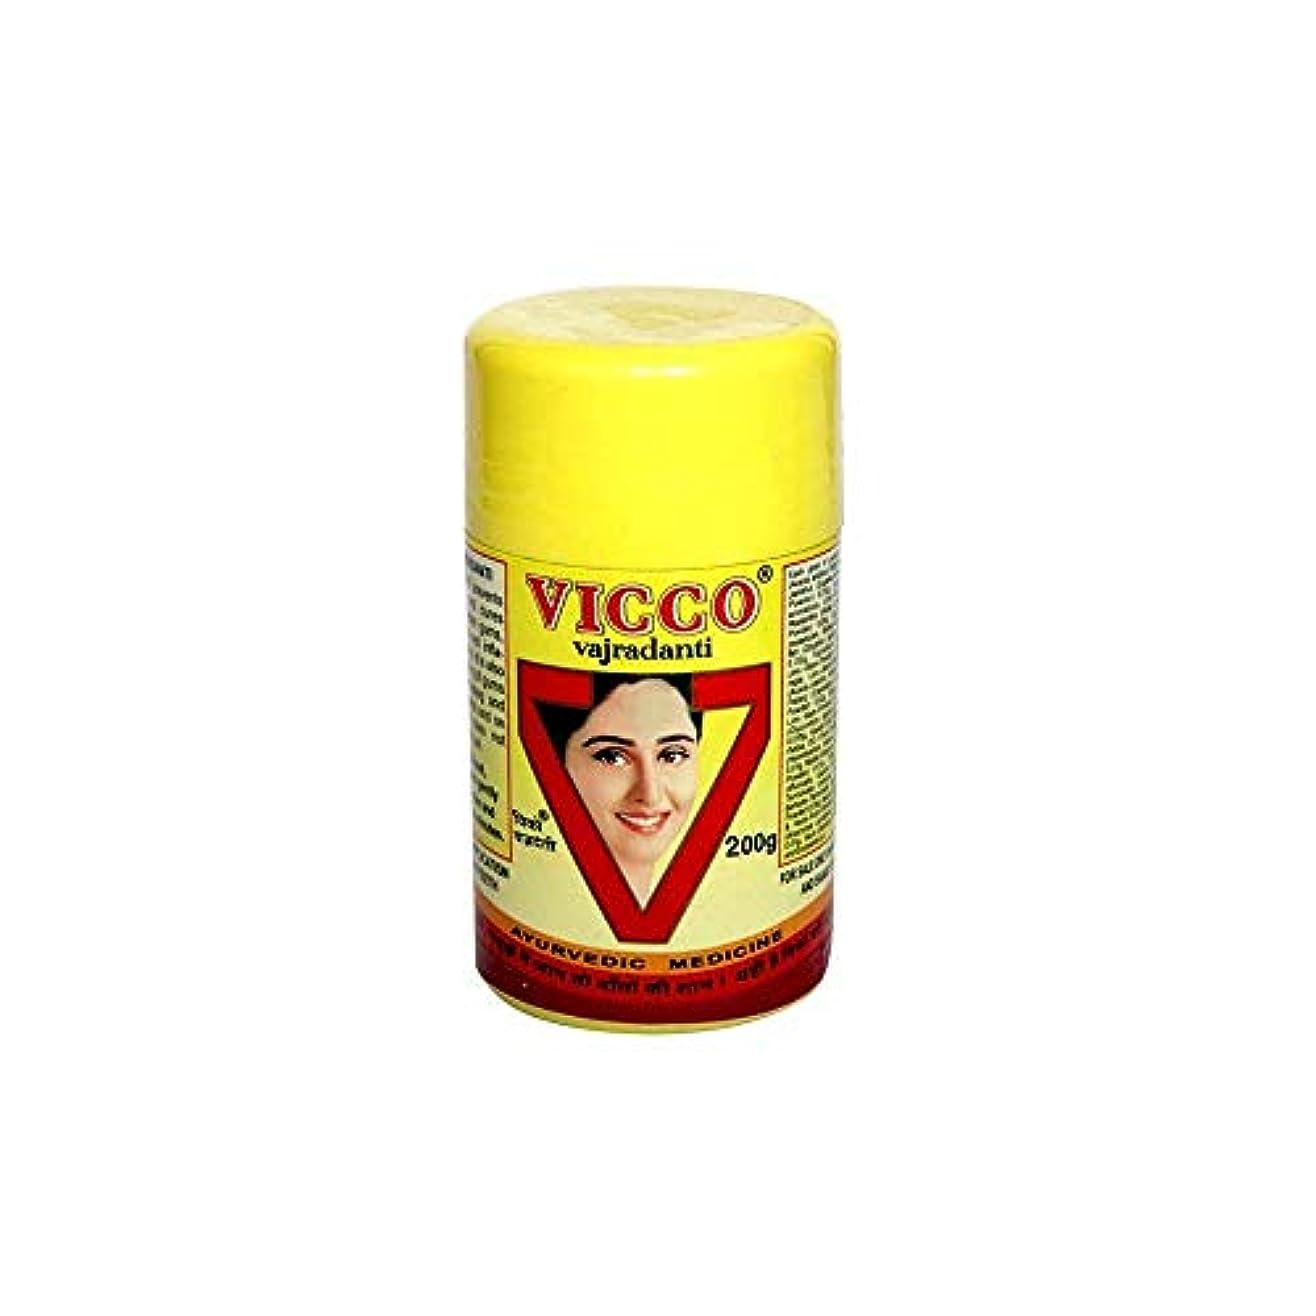 告白本能変動するVicco Vajradanti Ayurvedic Herbal Tooth Powder 200g Prevents Tooth Decay Cures by Vicco Lab